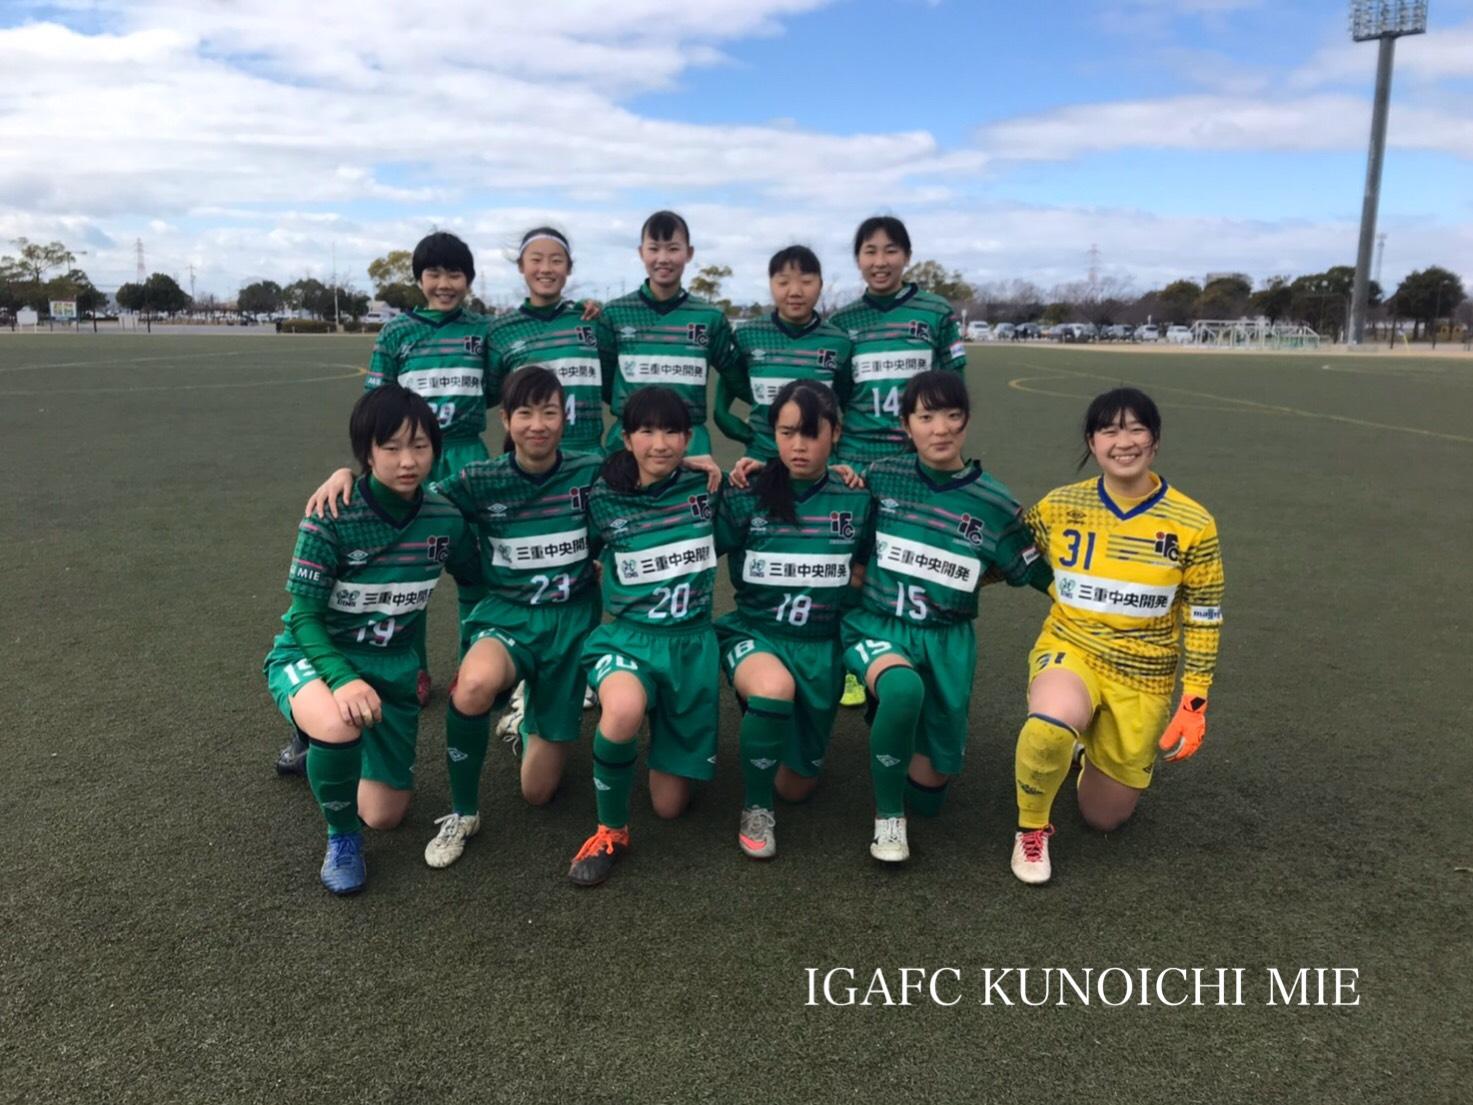 【伊賀FCくノ一サテライト】東海U15リーグチャレンジ戦 試合結果